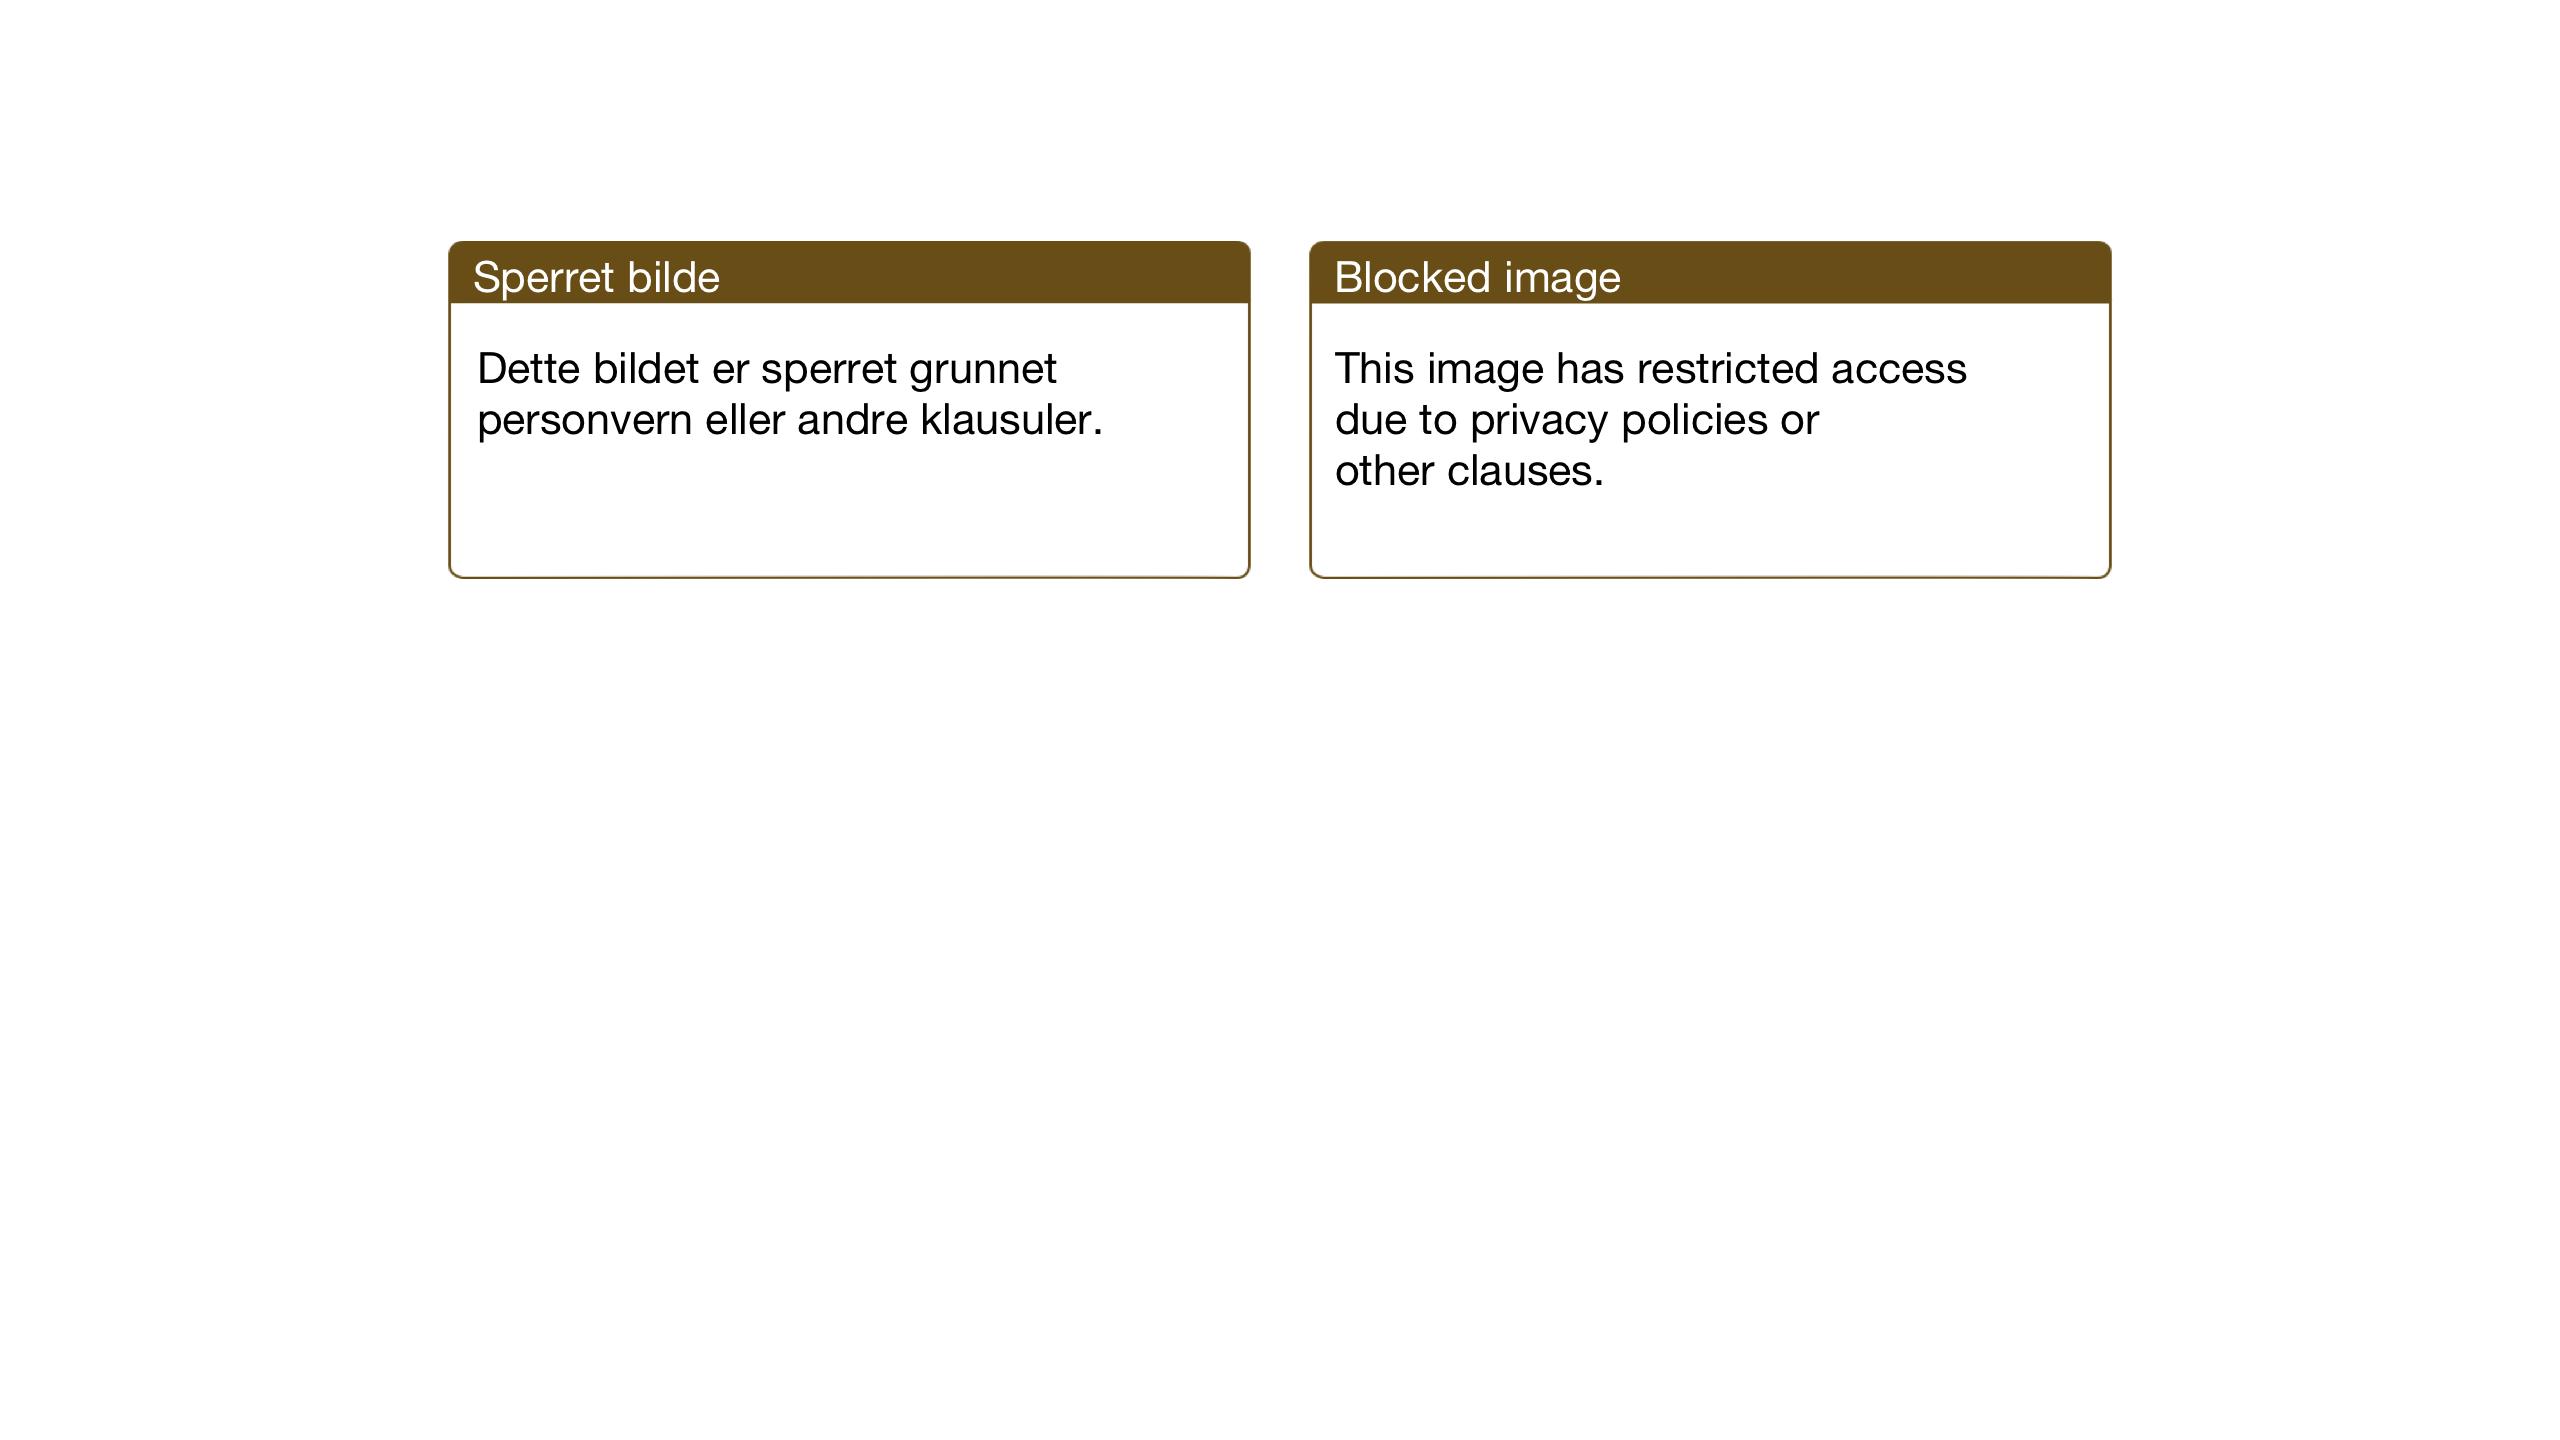 SAT, Ministerialprotokoller, klokkerbøker og fødselsregistre - Sør-Trøndelag, 667/L0799: Klokkerbok nr. 667C04, 1929-1950, s. 3